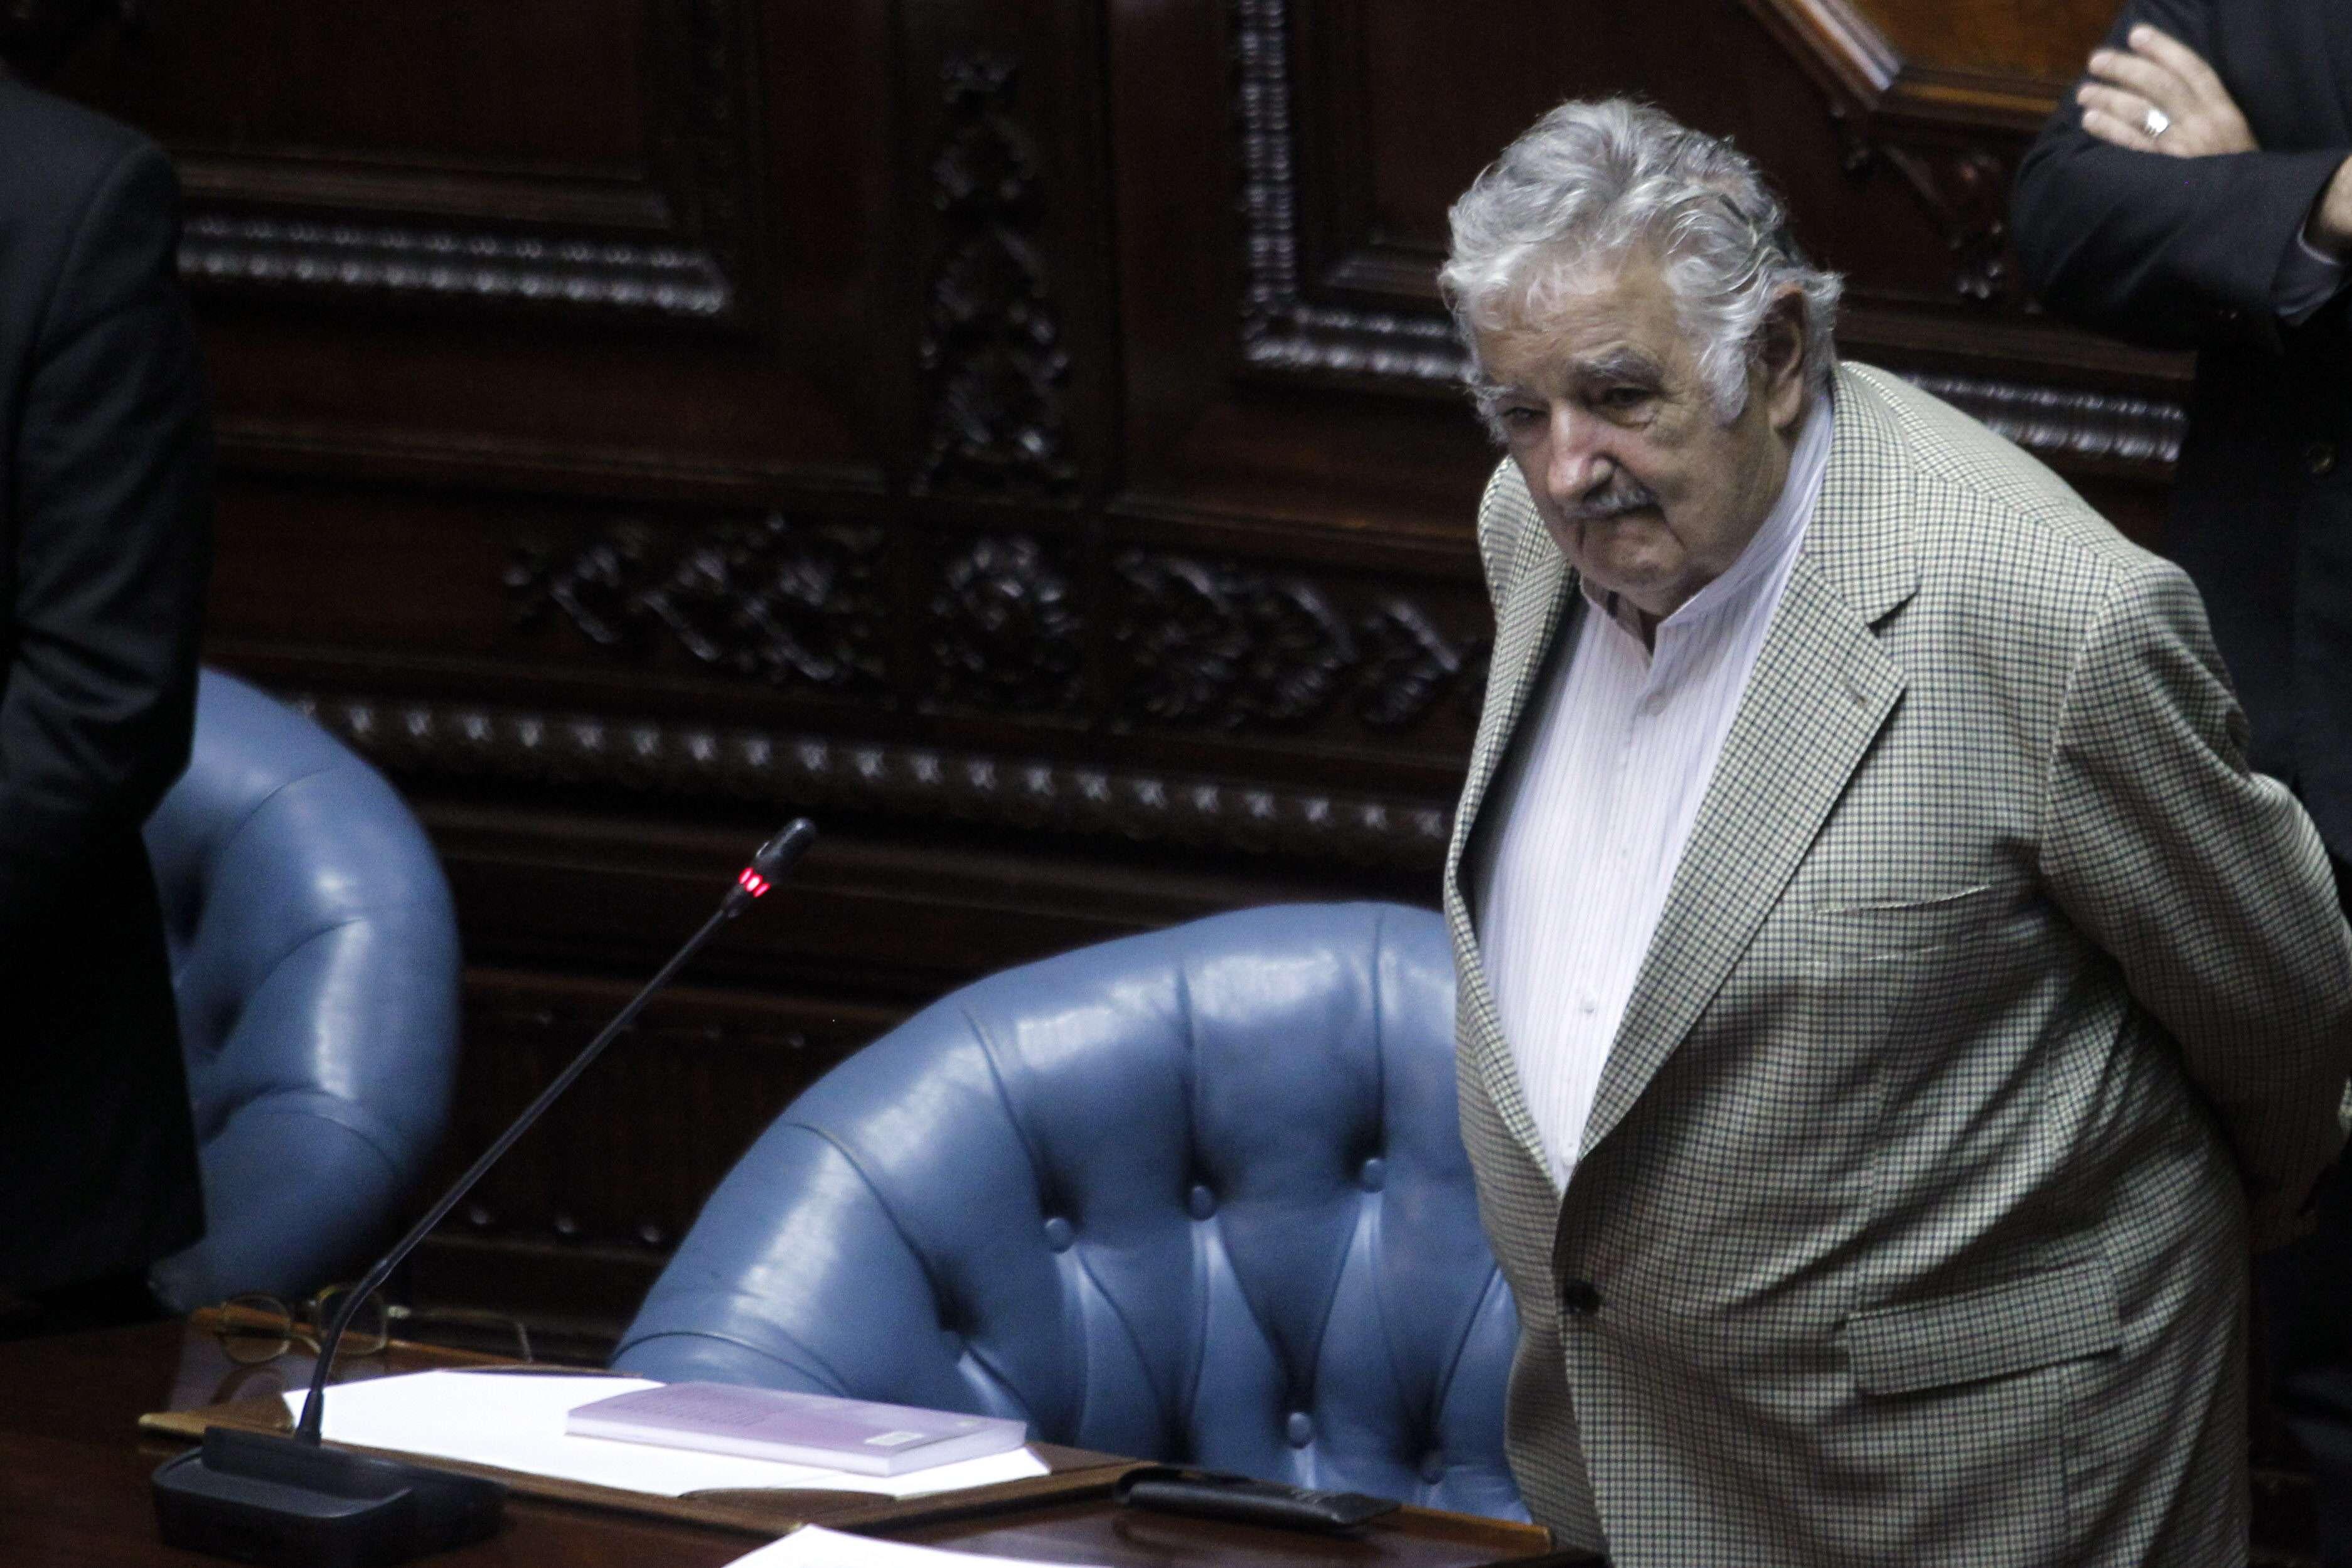 Mujica tuvo algún inconveniente a la hora de usar la tecnología para registrar el voto parlamentario, para lo que recibió ayuda de un funcionario. Foto: Hugo Ortuno/EFE